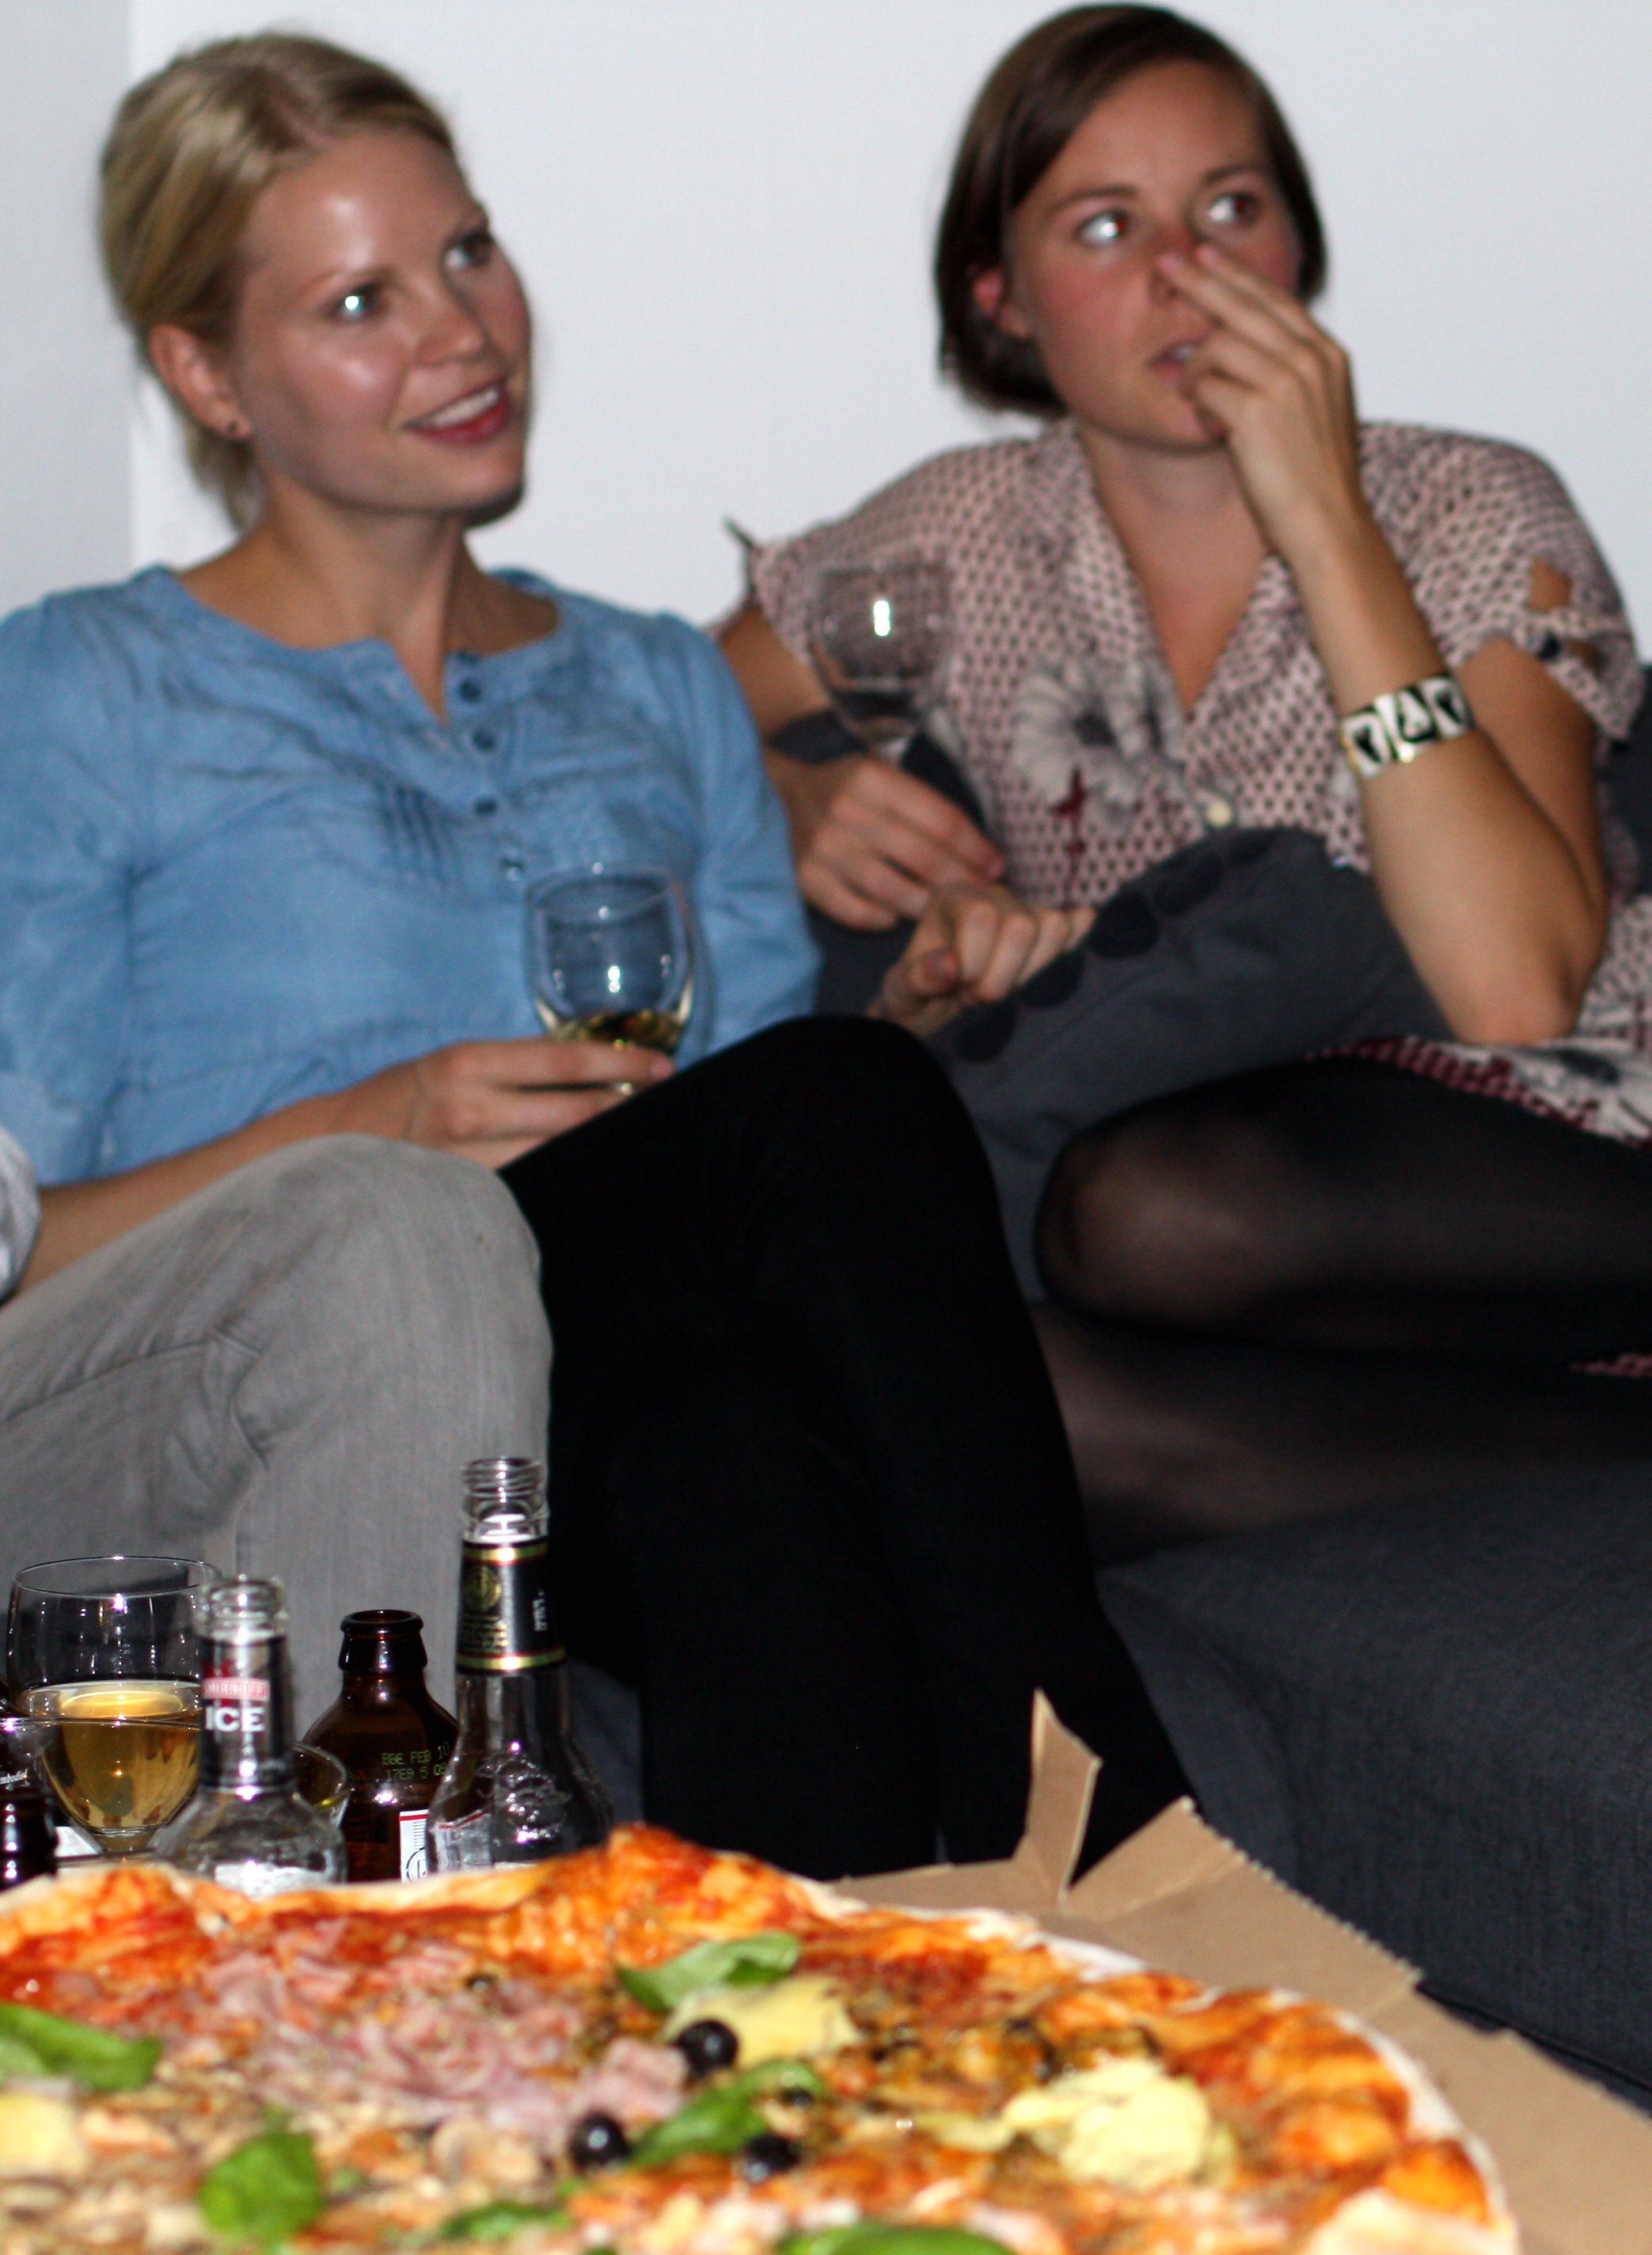 KanotKarin hade åkt hela vägen från Göteborg, Lina och hennes Gustav från Örebro. På denna bild borde Tant Anna från Malmö också varit med. Vi saknade dig ska du veta!